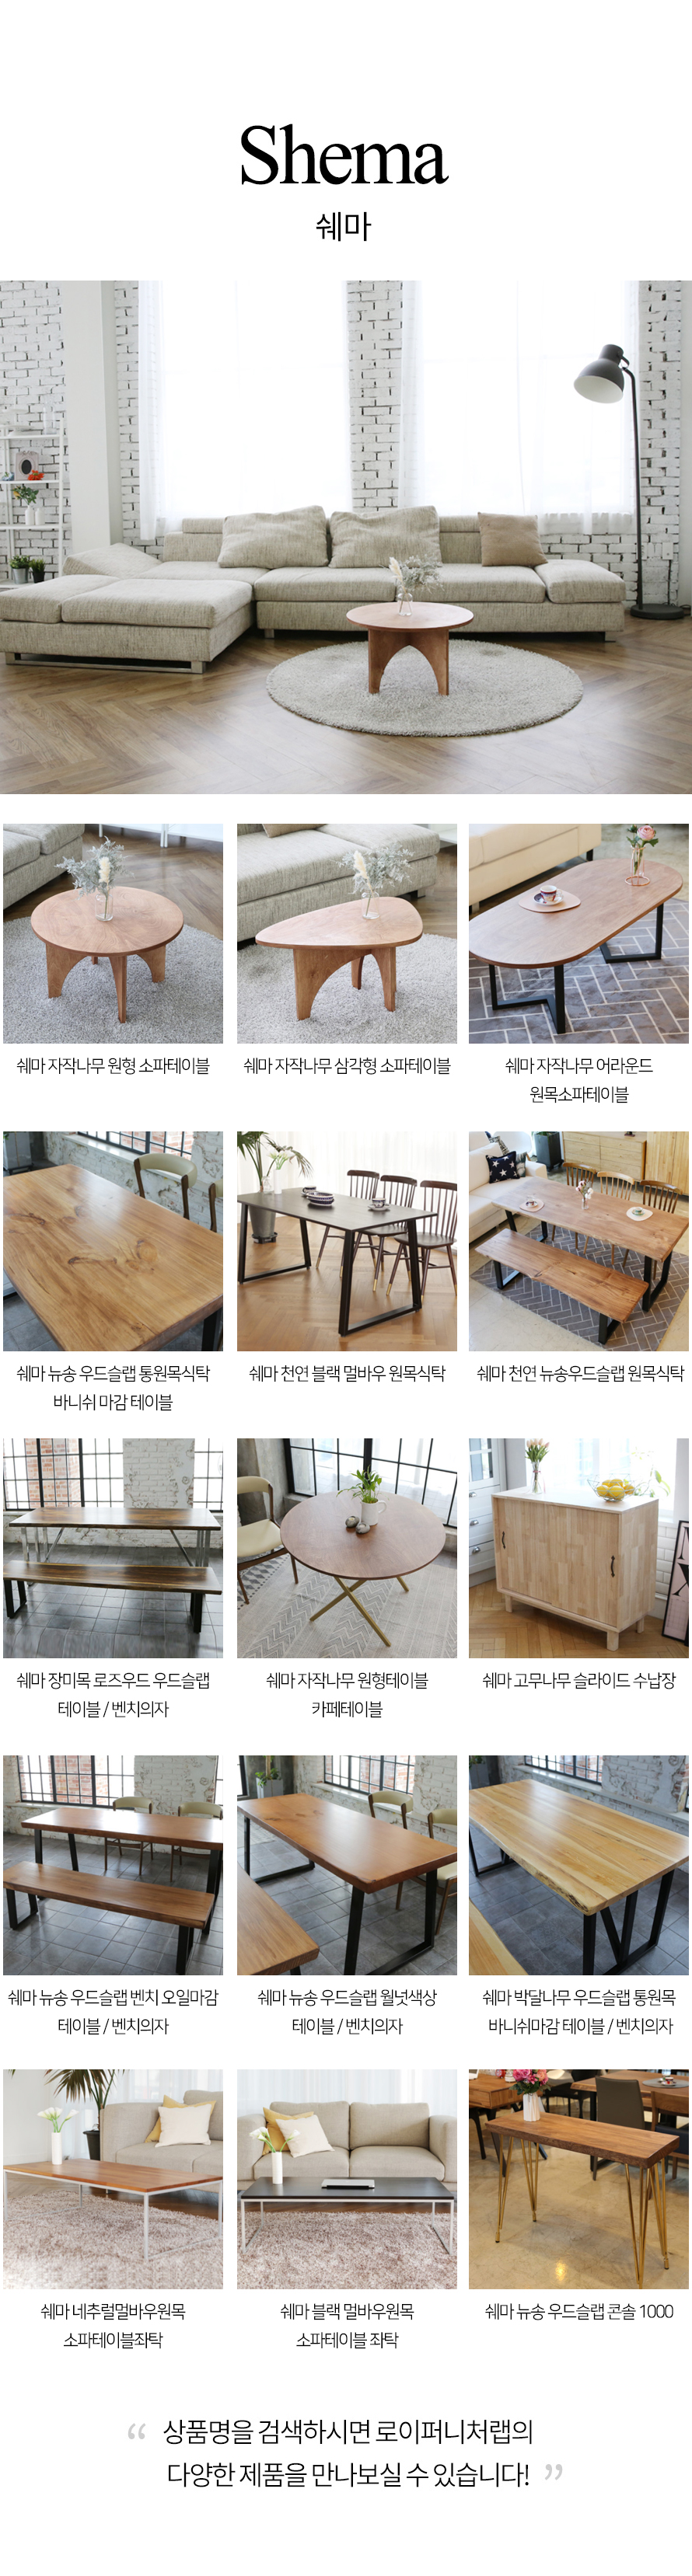 쉐마 자작나무 삼각형 소파테이블 - 로이퍼니처랩, 250,000원, 거실 테이블, 소파테이블